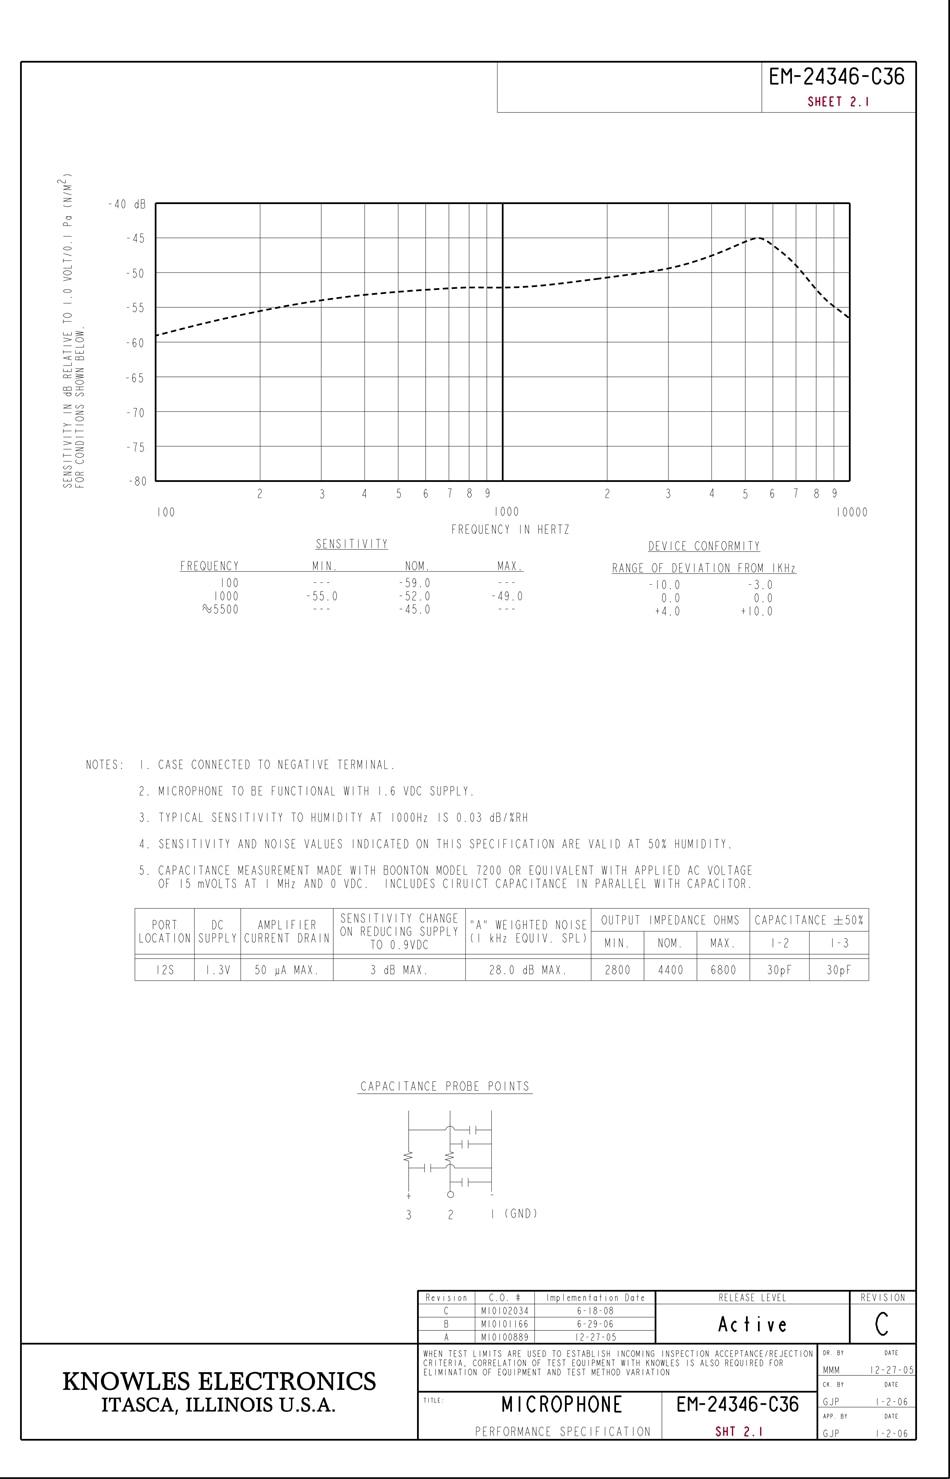 EM-24346-C36-2